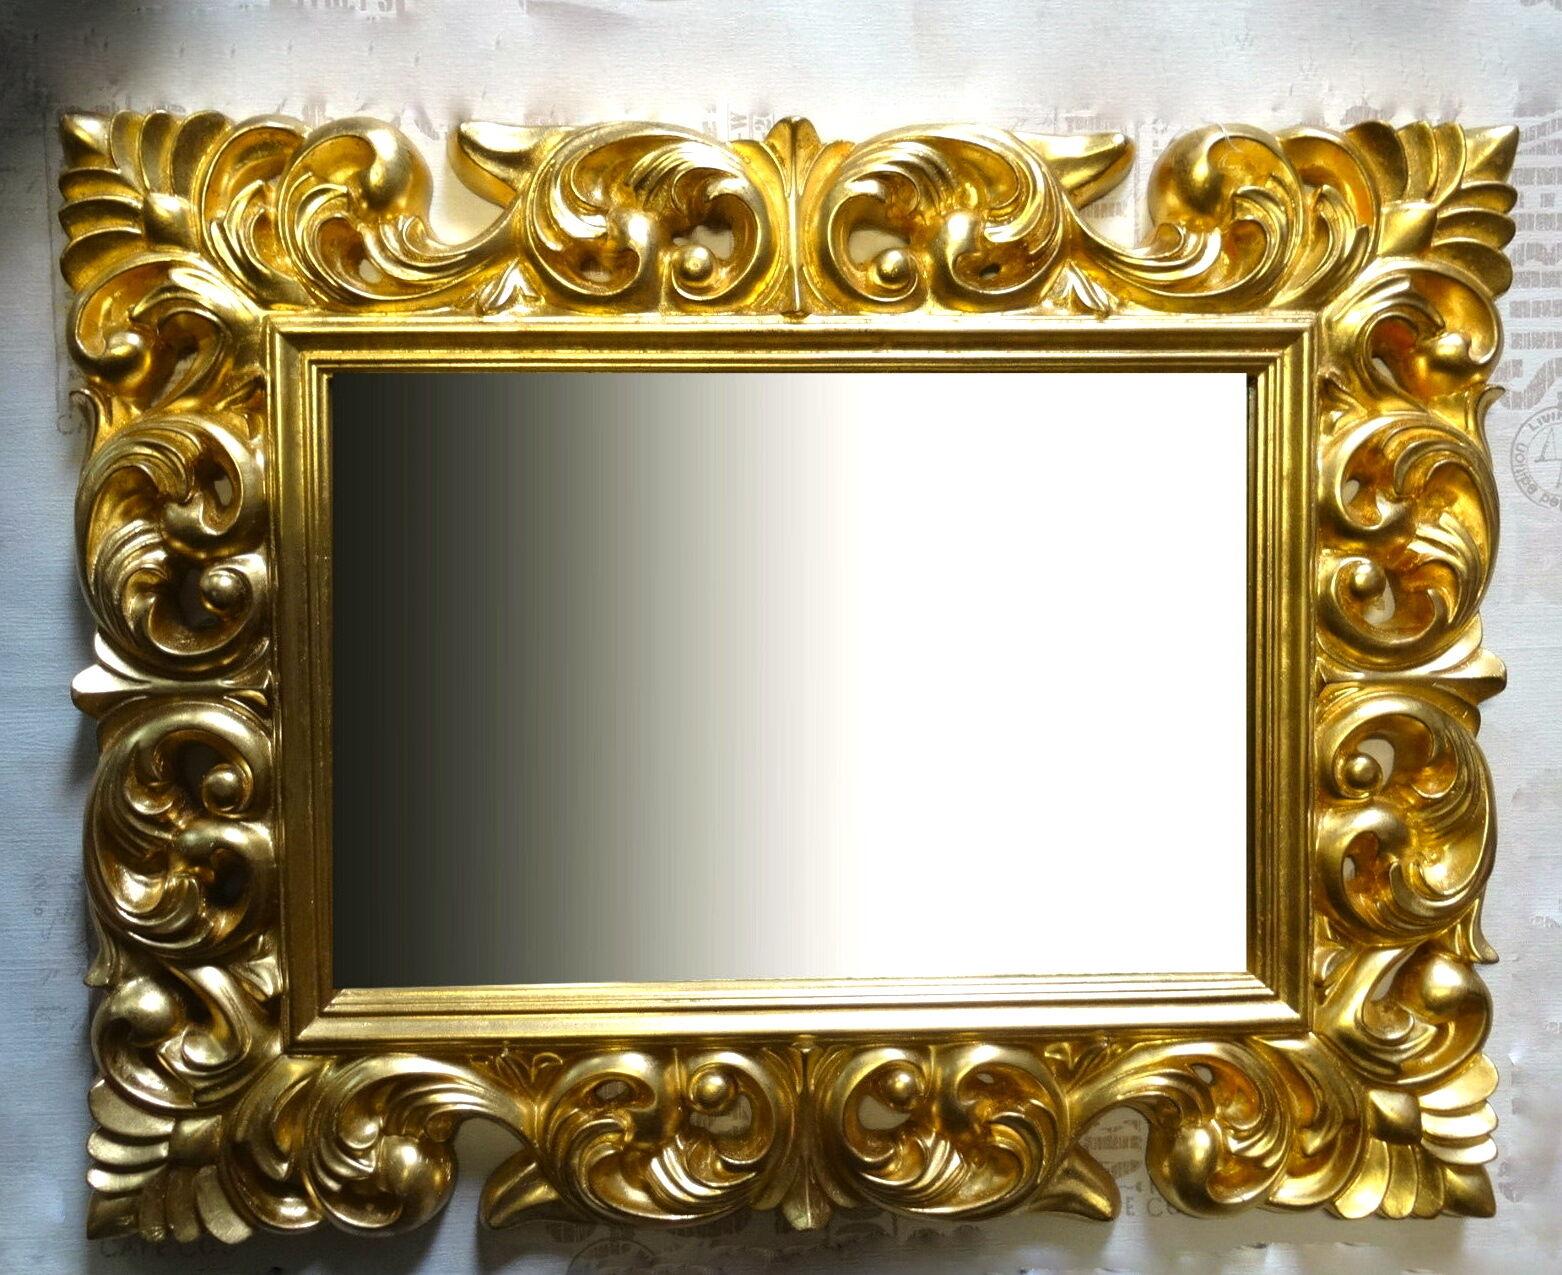 Standspiegel Gold Antik Standspiegel Weiß Antik Mit Krone